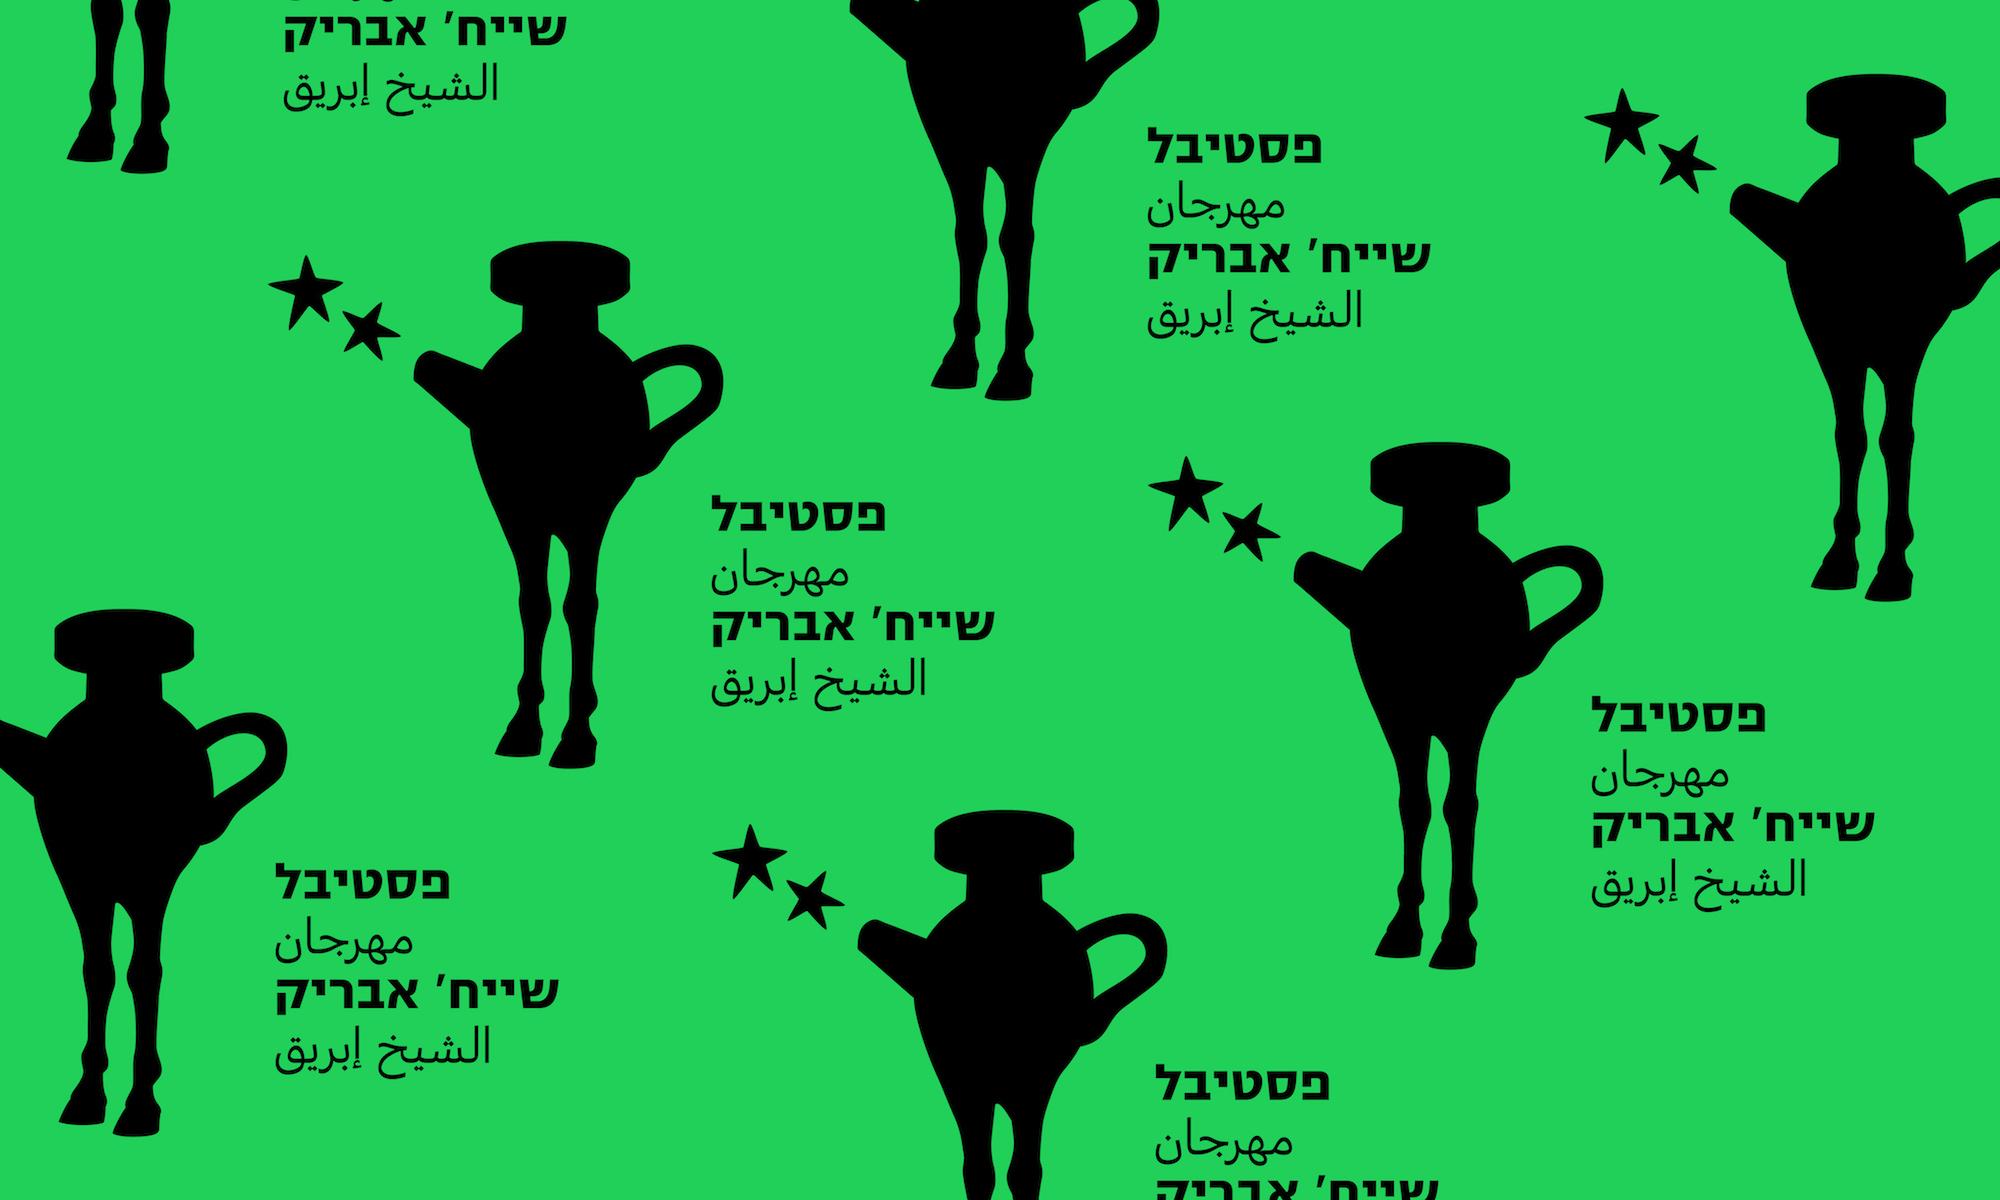 פסטיבל שייח׳ אבריק